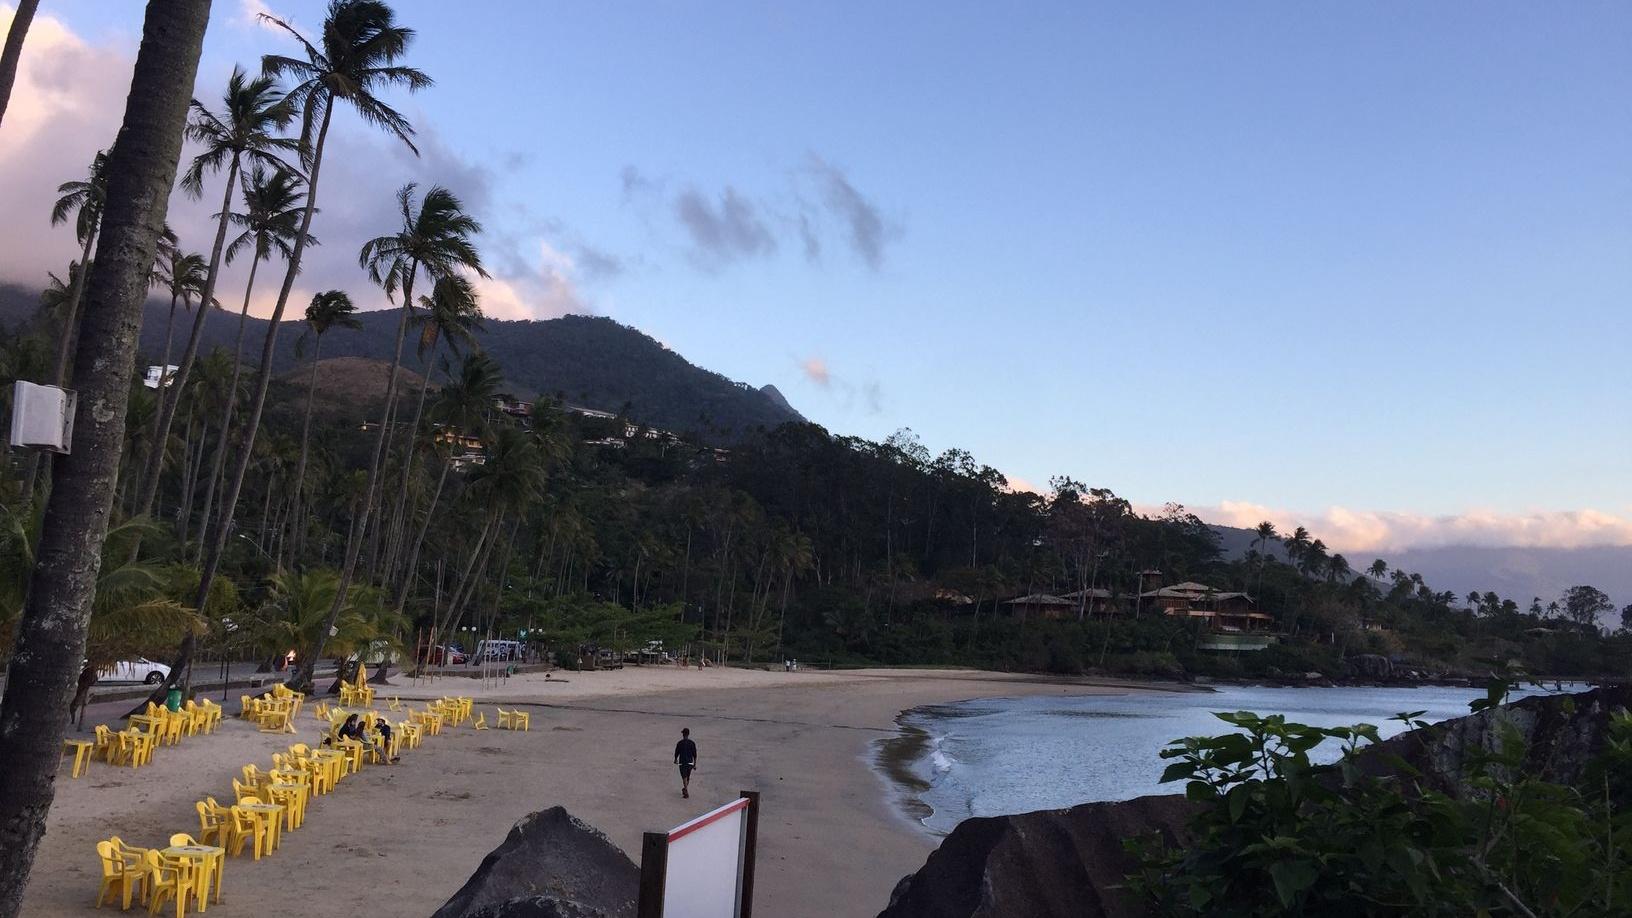 neďaleký ostrov od môjho mesta - Ilhabela